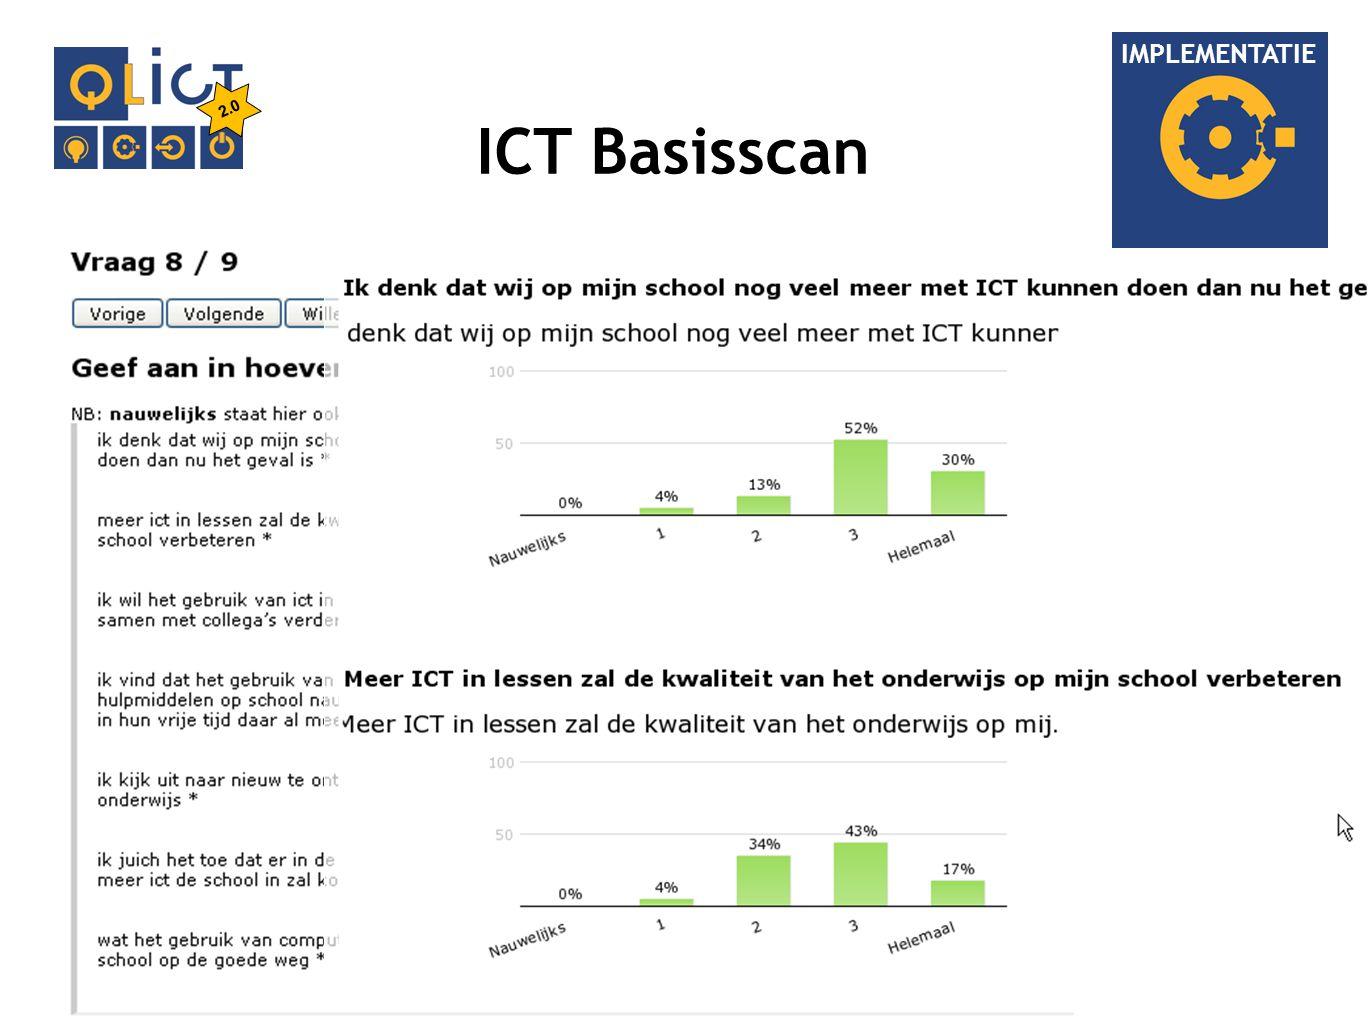 IMPLEMENTATIE ICT Basisscan 2.0